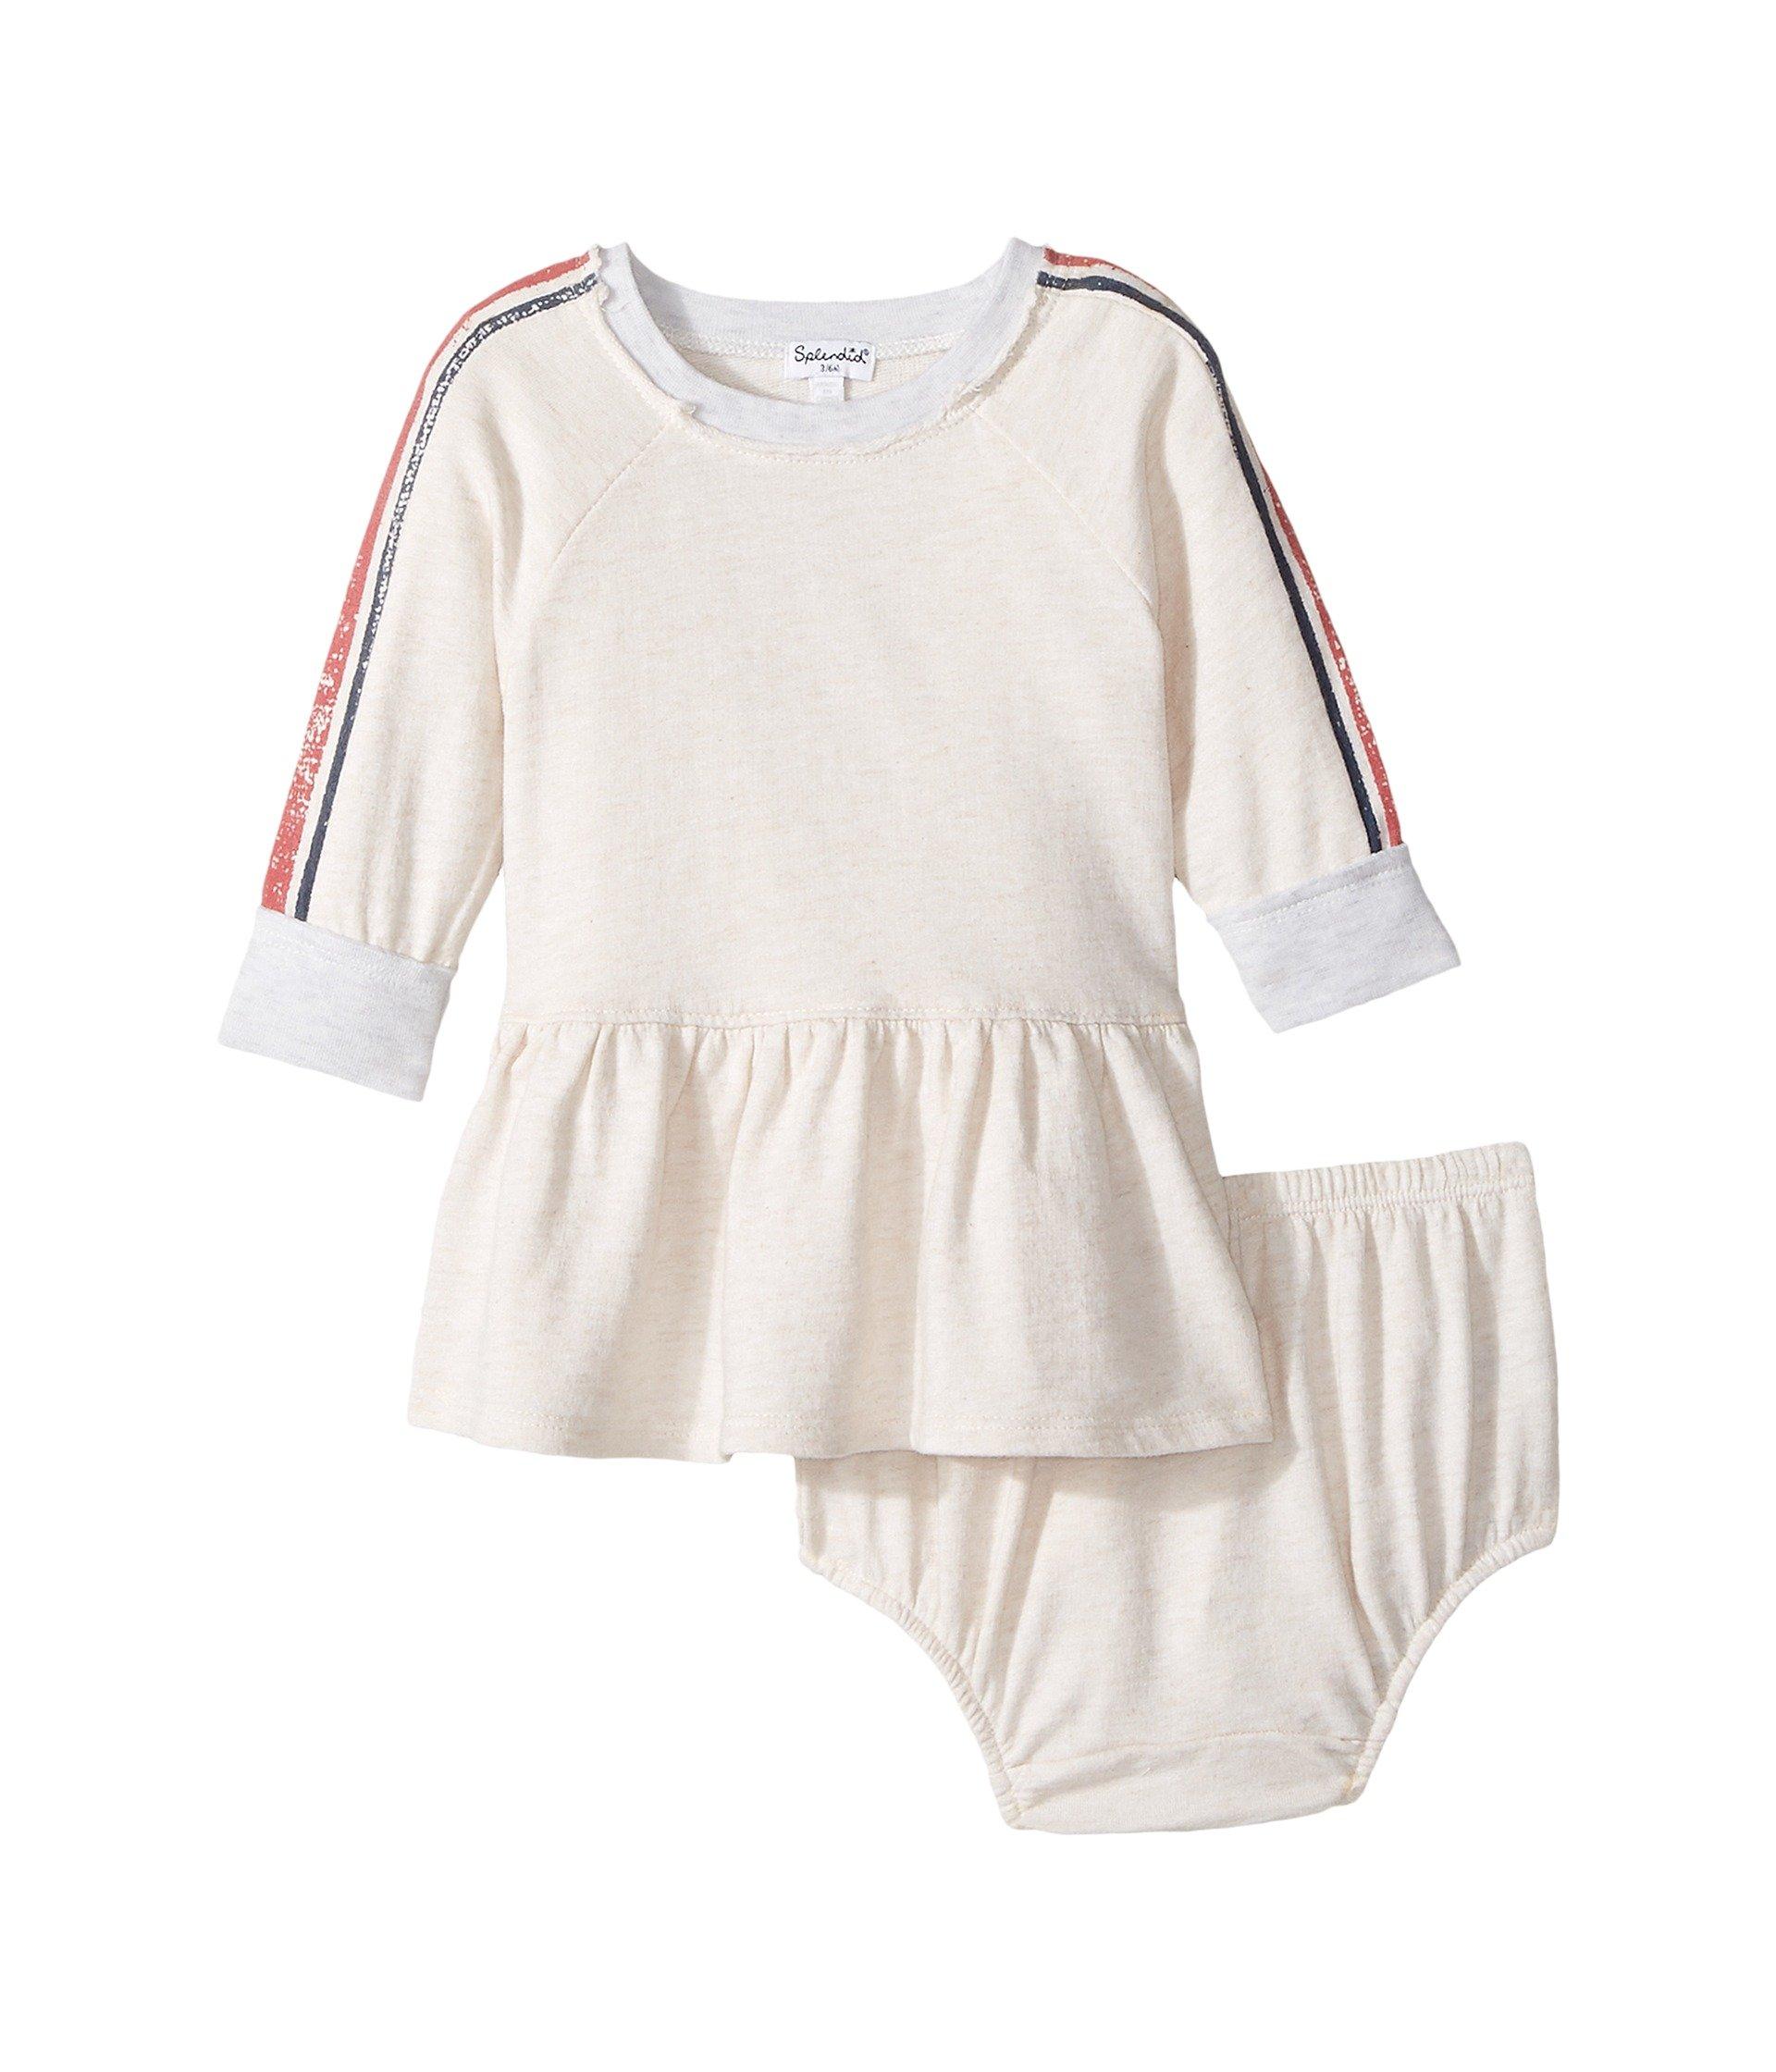 Splendid littles speckle baby french terry sweatshirt for Splendid infant